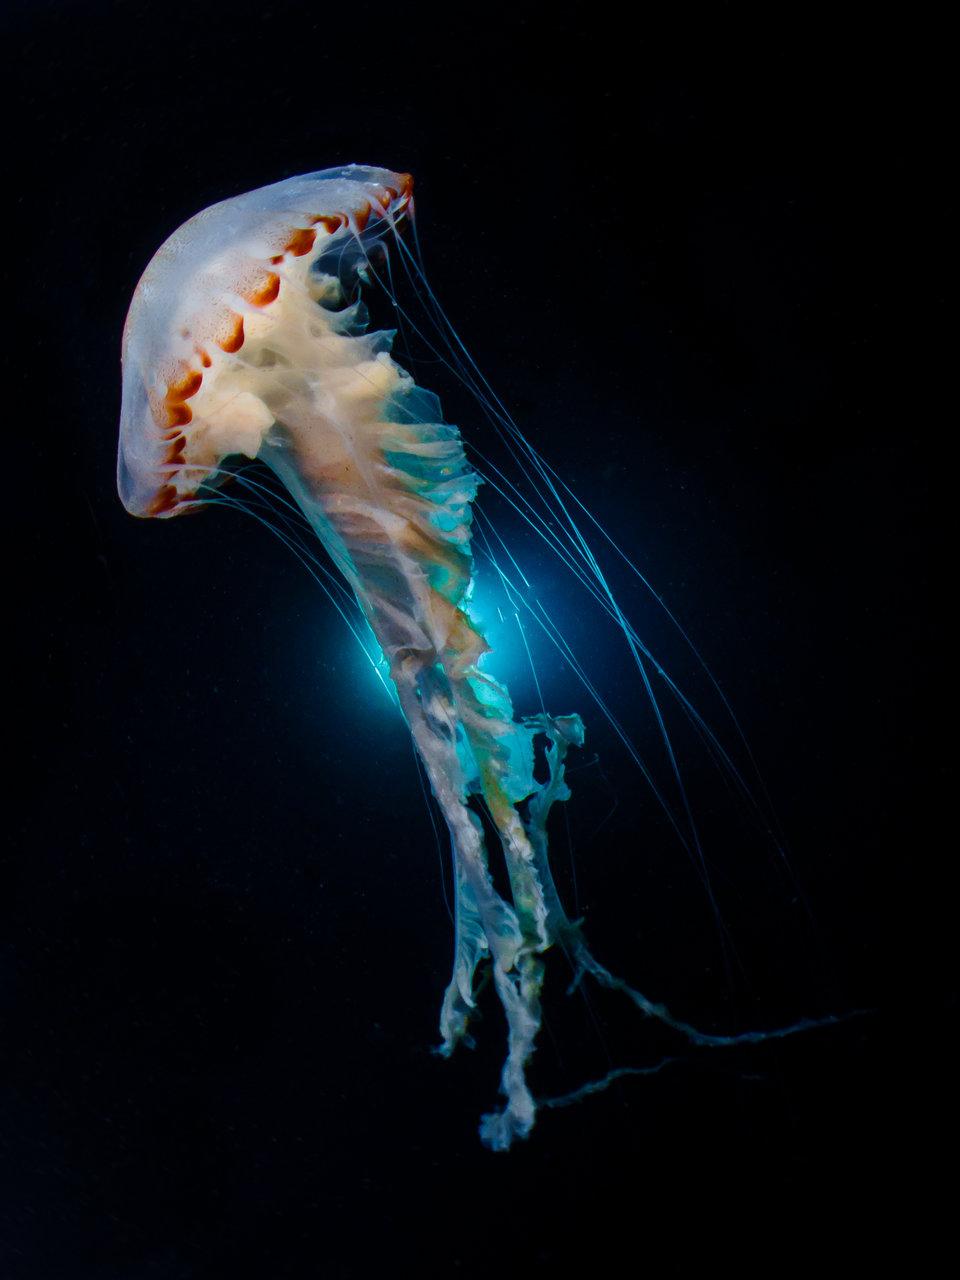 «Танцующие медузы», Мелоди Чуанг - Северо-восточное побережье, Тайвань